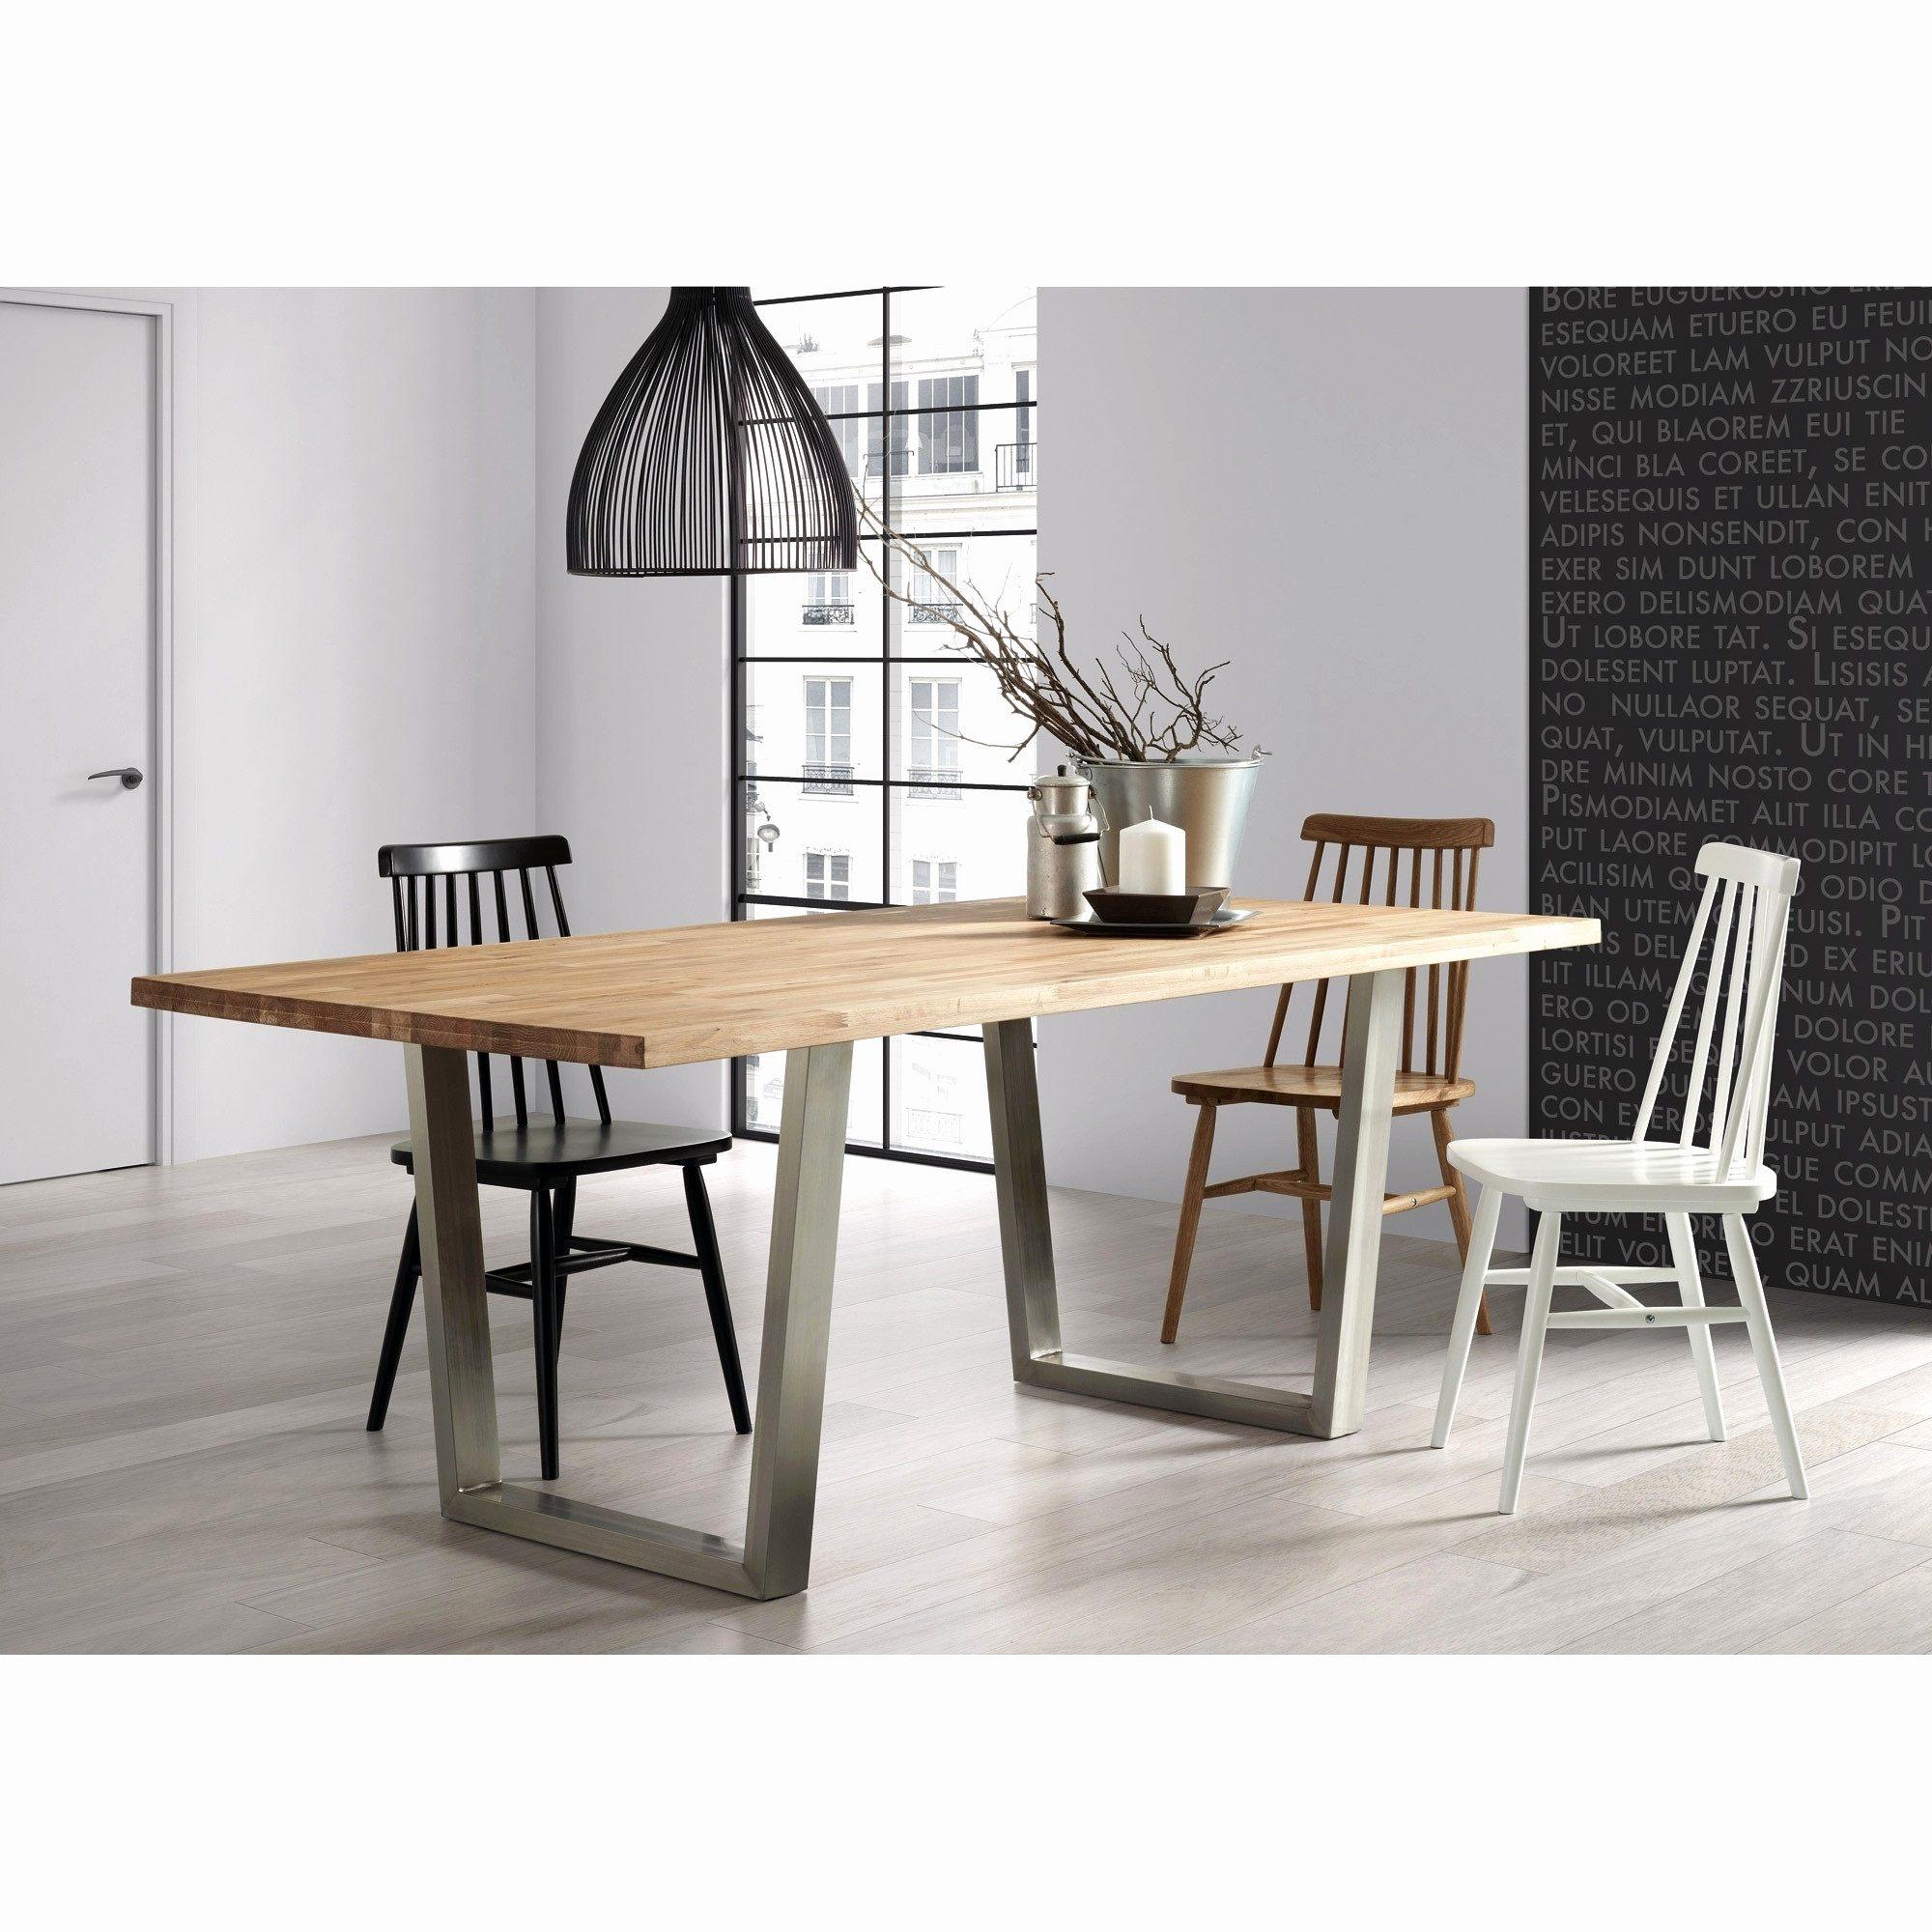 Table De Lit Pas Cher Joli Table Basse Pas Cher Design Table Basse Design Pas Cher ¢‹†…